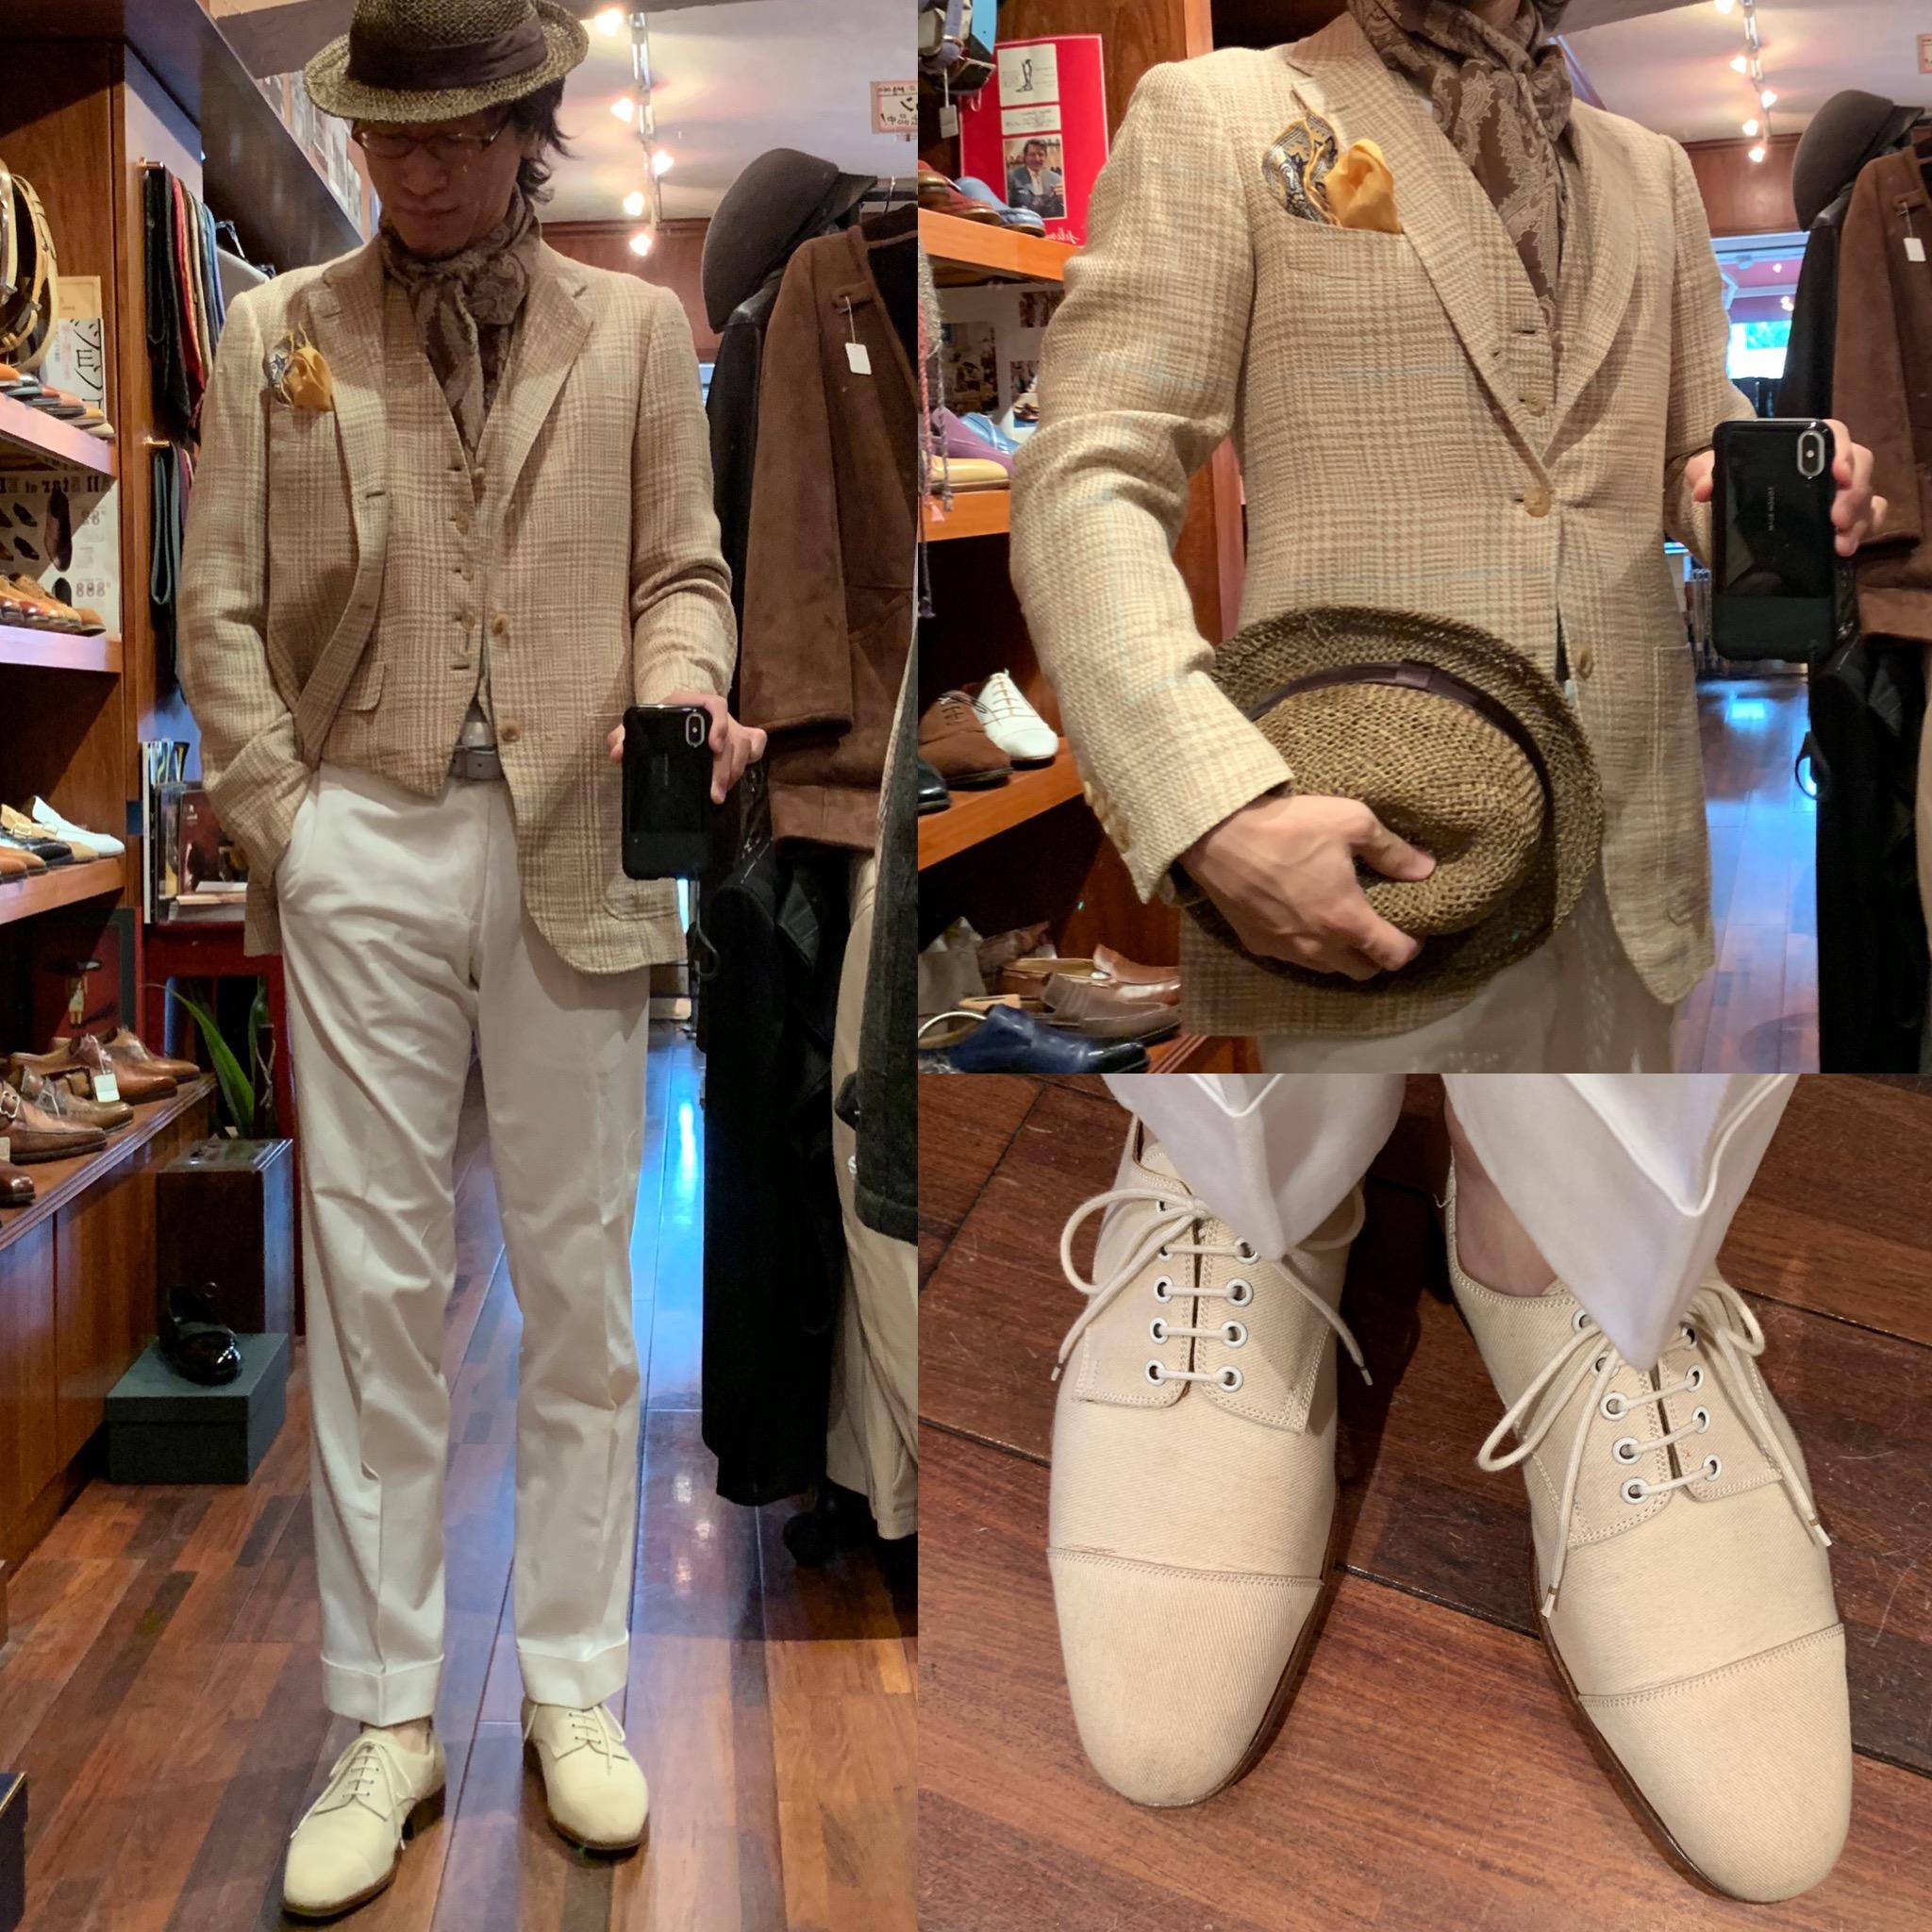 ◆説得力ある雰囲気作りはTPOに合う服装が要◆